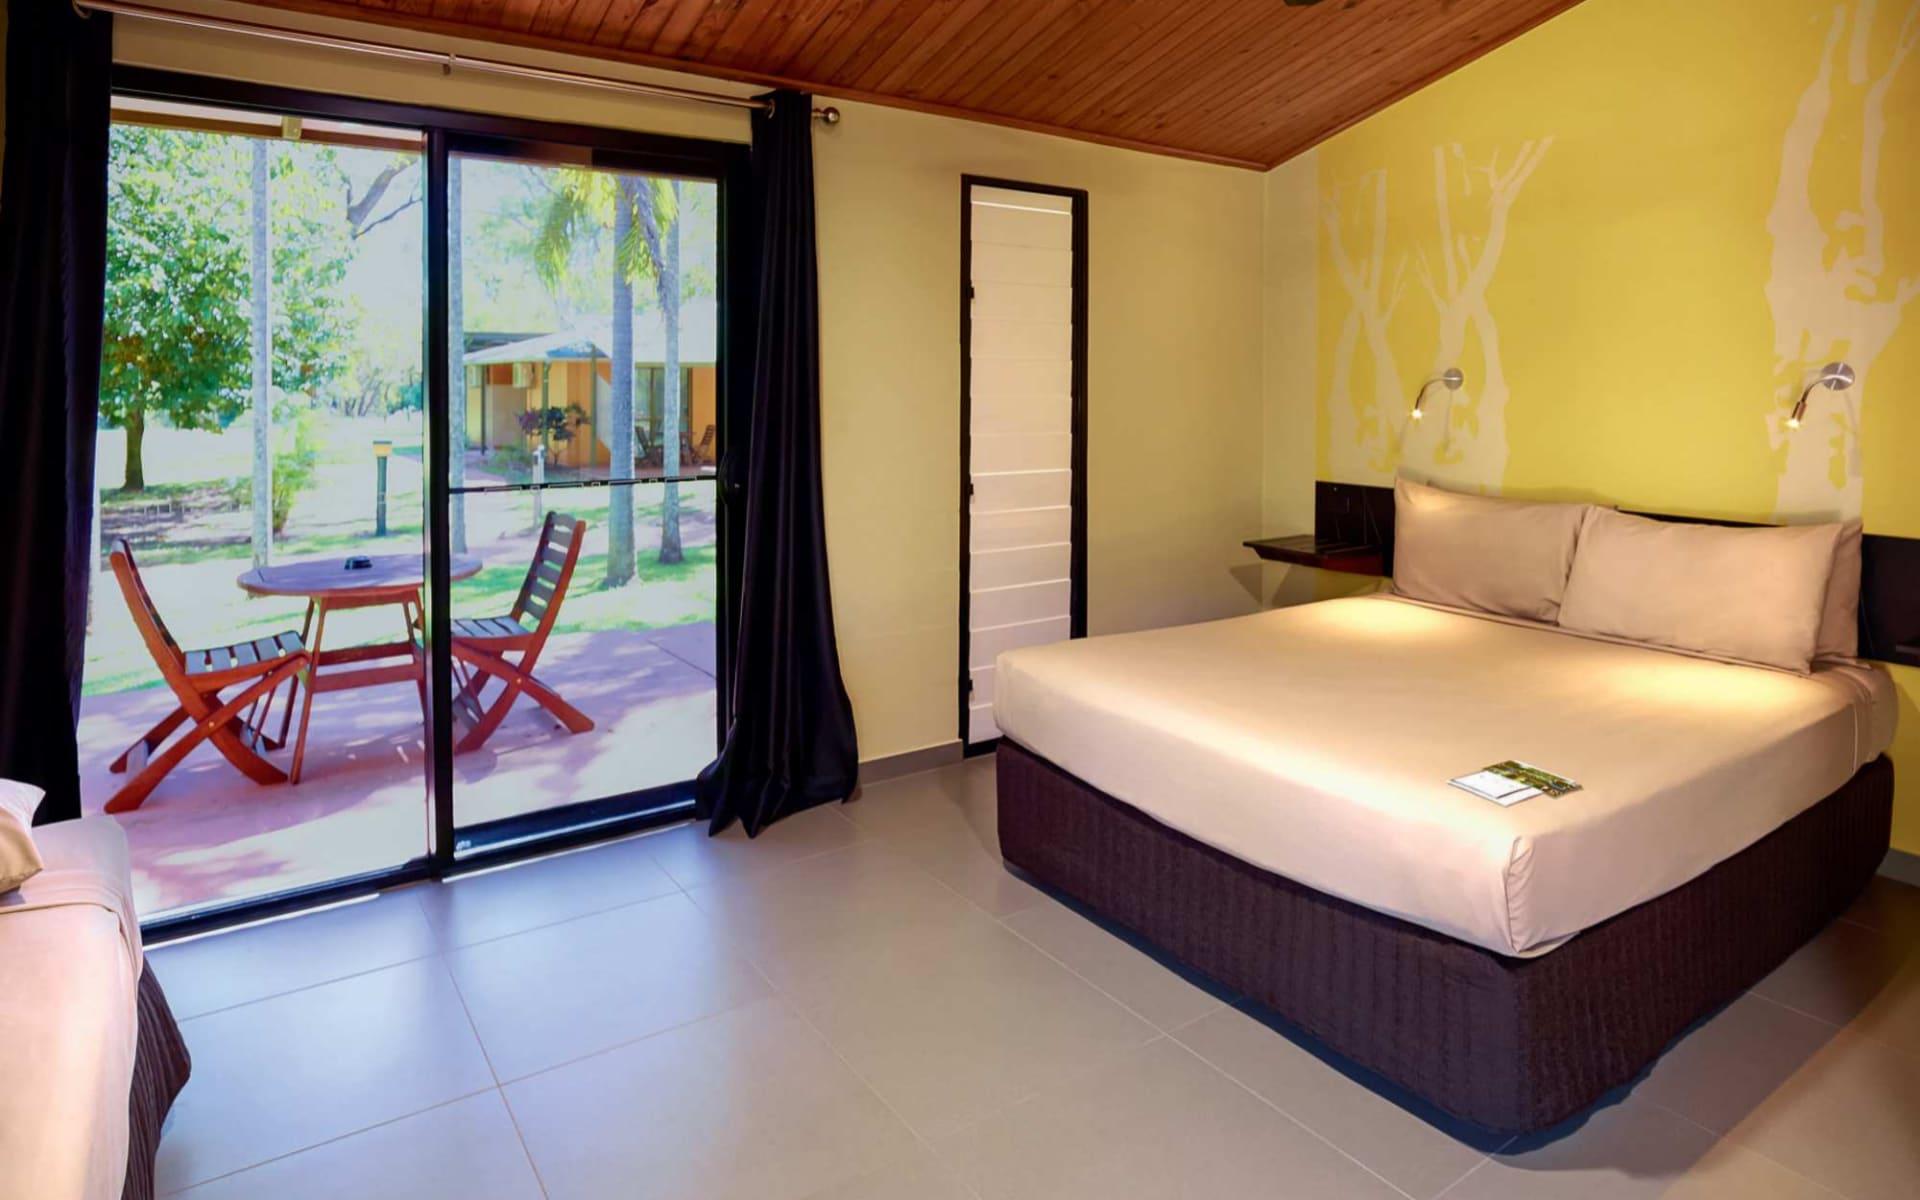 Kakadu Lodge Cooinda:  Kakadu Lodge Cooinda - Standard Room